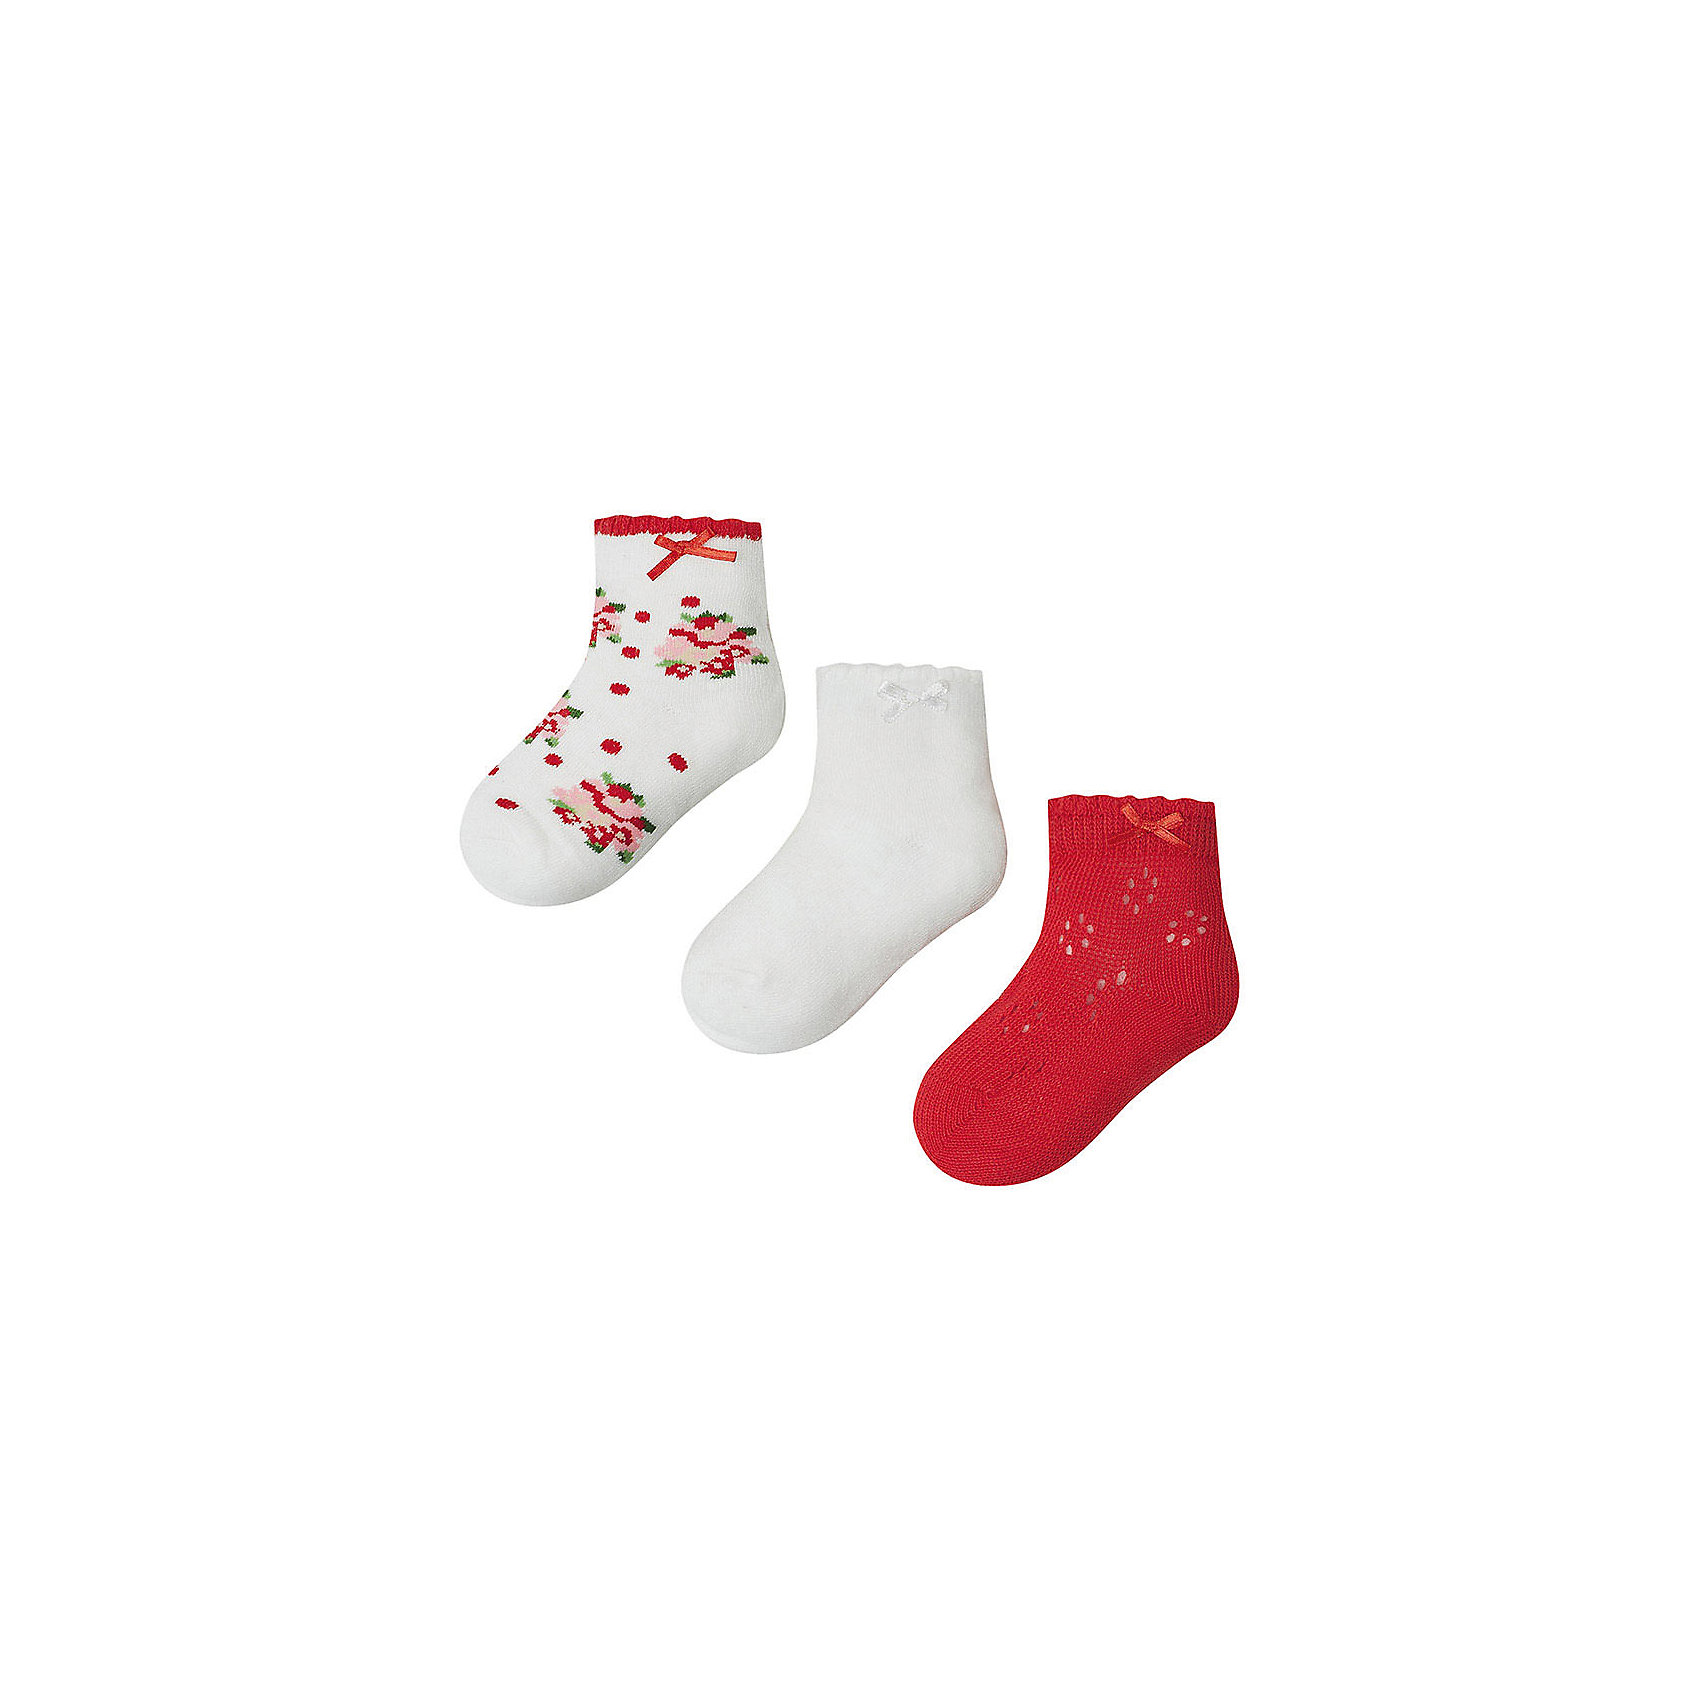 Носки для девочки, 3 пары MayoralНоски для девочки, 3 пары, от испанской марки Mayoral выполнены из мягкого трикотажного материала, хорошо облегают ногу.<br><br>Дополнительная информация:<br><br>- Мягкая трикотажная ткань.<br>- 3 дизайна, декорированные атласными бантиками:<br>- однотонные белые; <br>- с цветочным принтом;<br>- красные с вязаным декором. <br>- Состав: 72% хлопок, 25% полиамид, 3% эластан.<br><br>Носки, 3 пары для девочки Mayoral (Майорал) можно купить в нашем магазине.<br><br>Ширина мм: 162<br>Глубина мм: 171<br>Высота мм: 55<br>Вес г: 119<br>Цвет: красный<br>Возраст от месяцев: 84<br>Возраст до месяцев: 96<br>Пол: Женский<br>Возраст: Детский<br>Размер: 8,2,6,4<br>SKU: 4563636